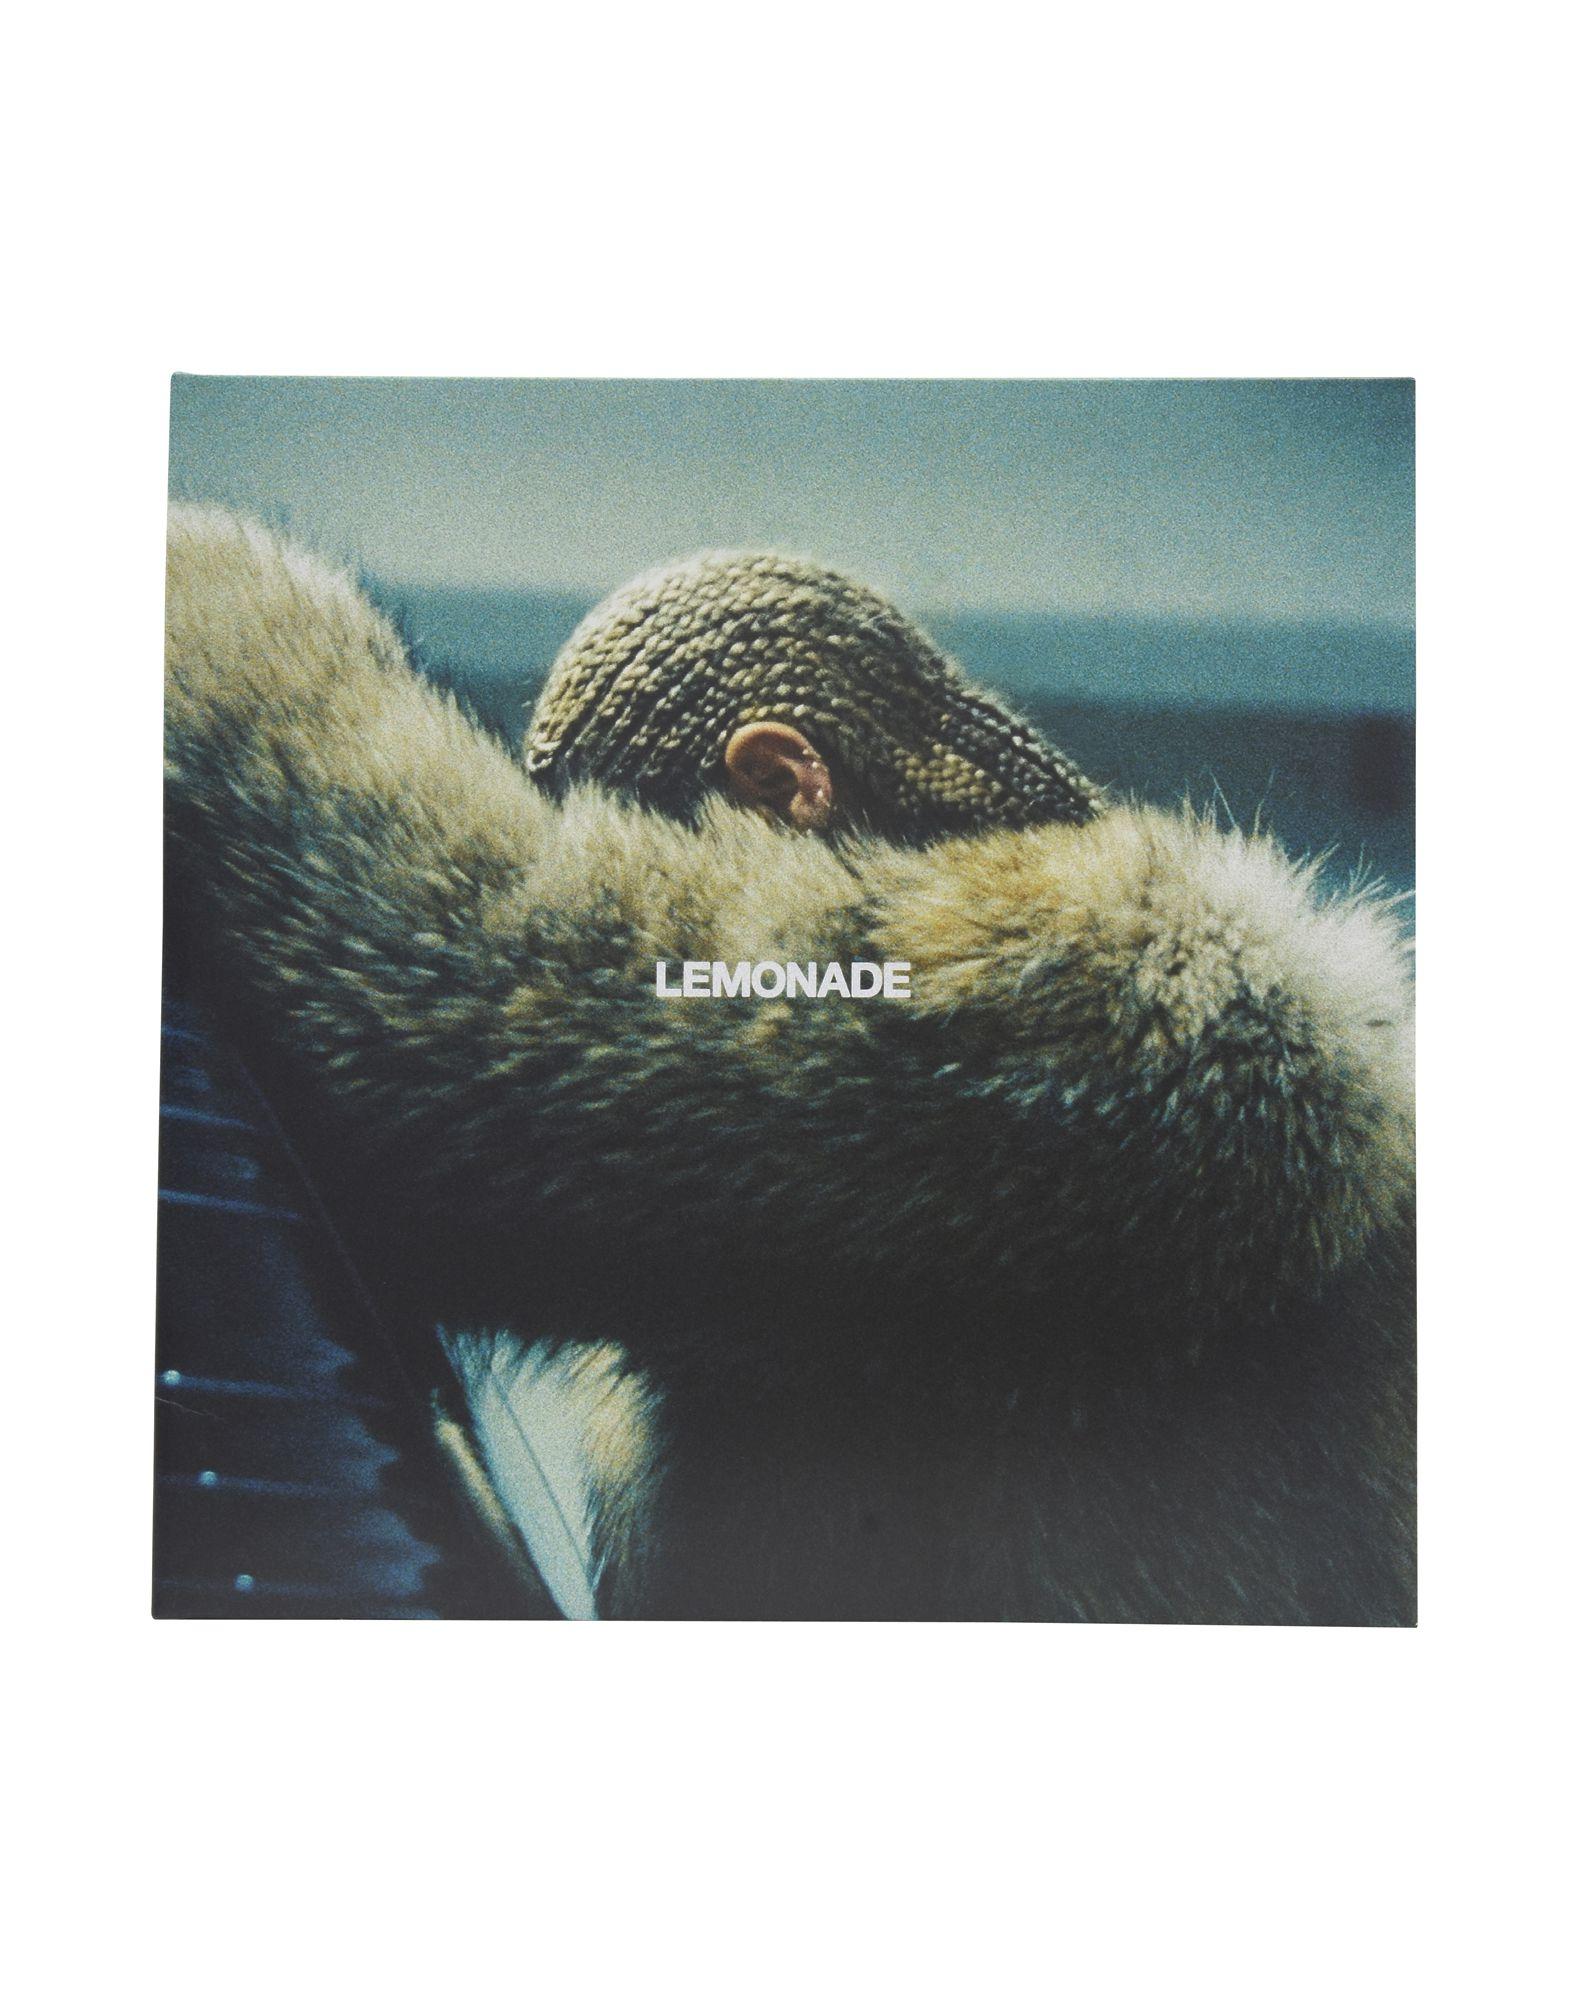 Фото - COLUMBIA RECORDS Виниловая пластинка граммофонная пластинка decca 4786442